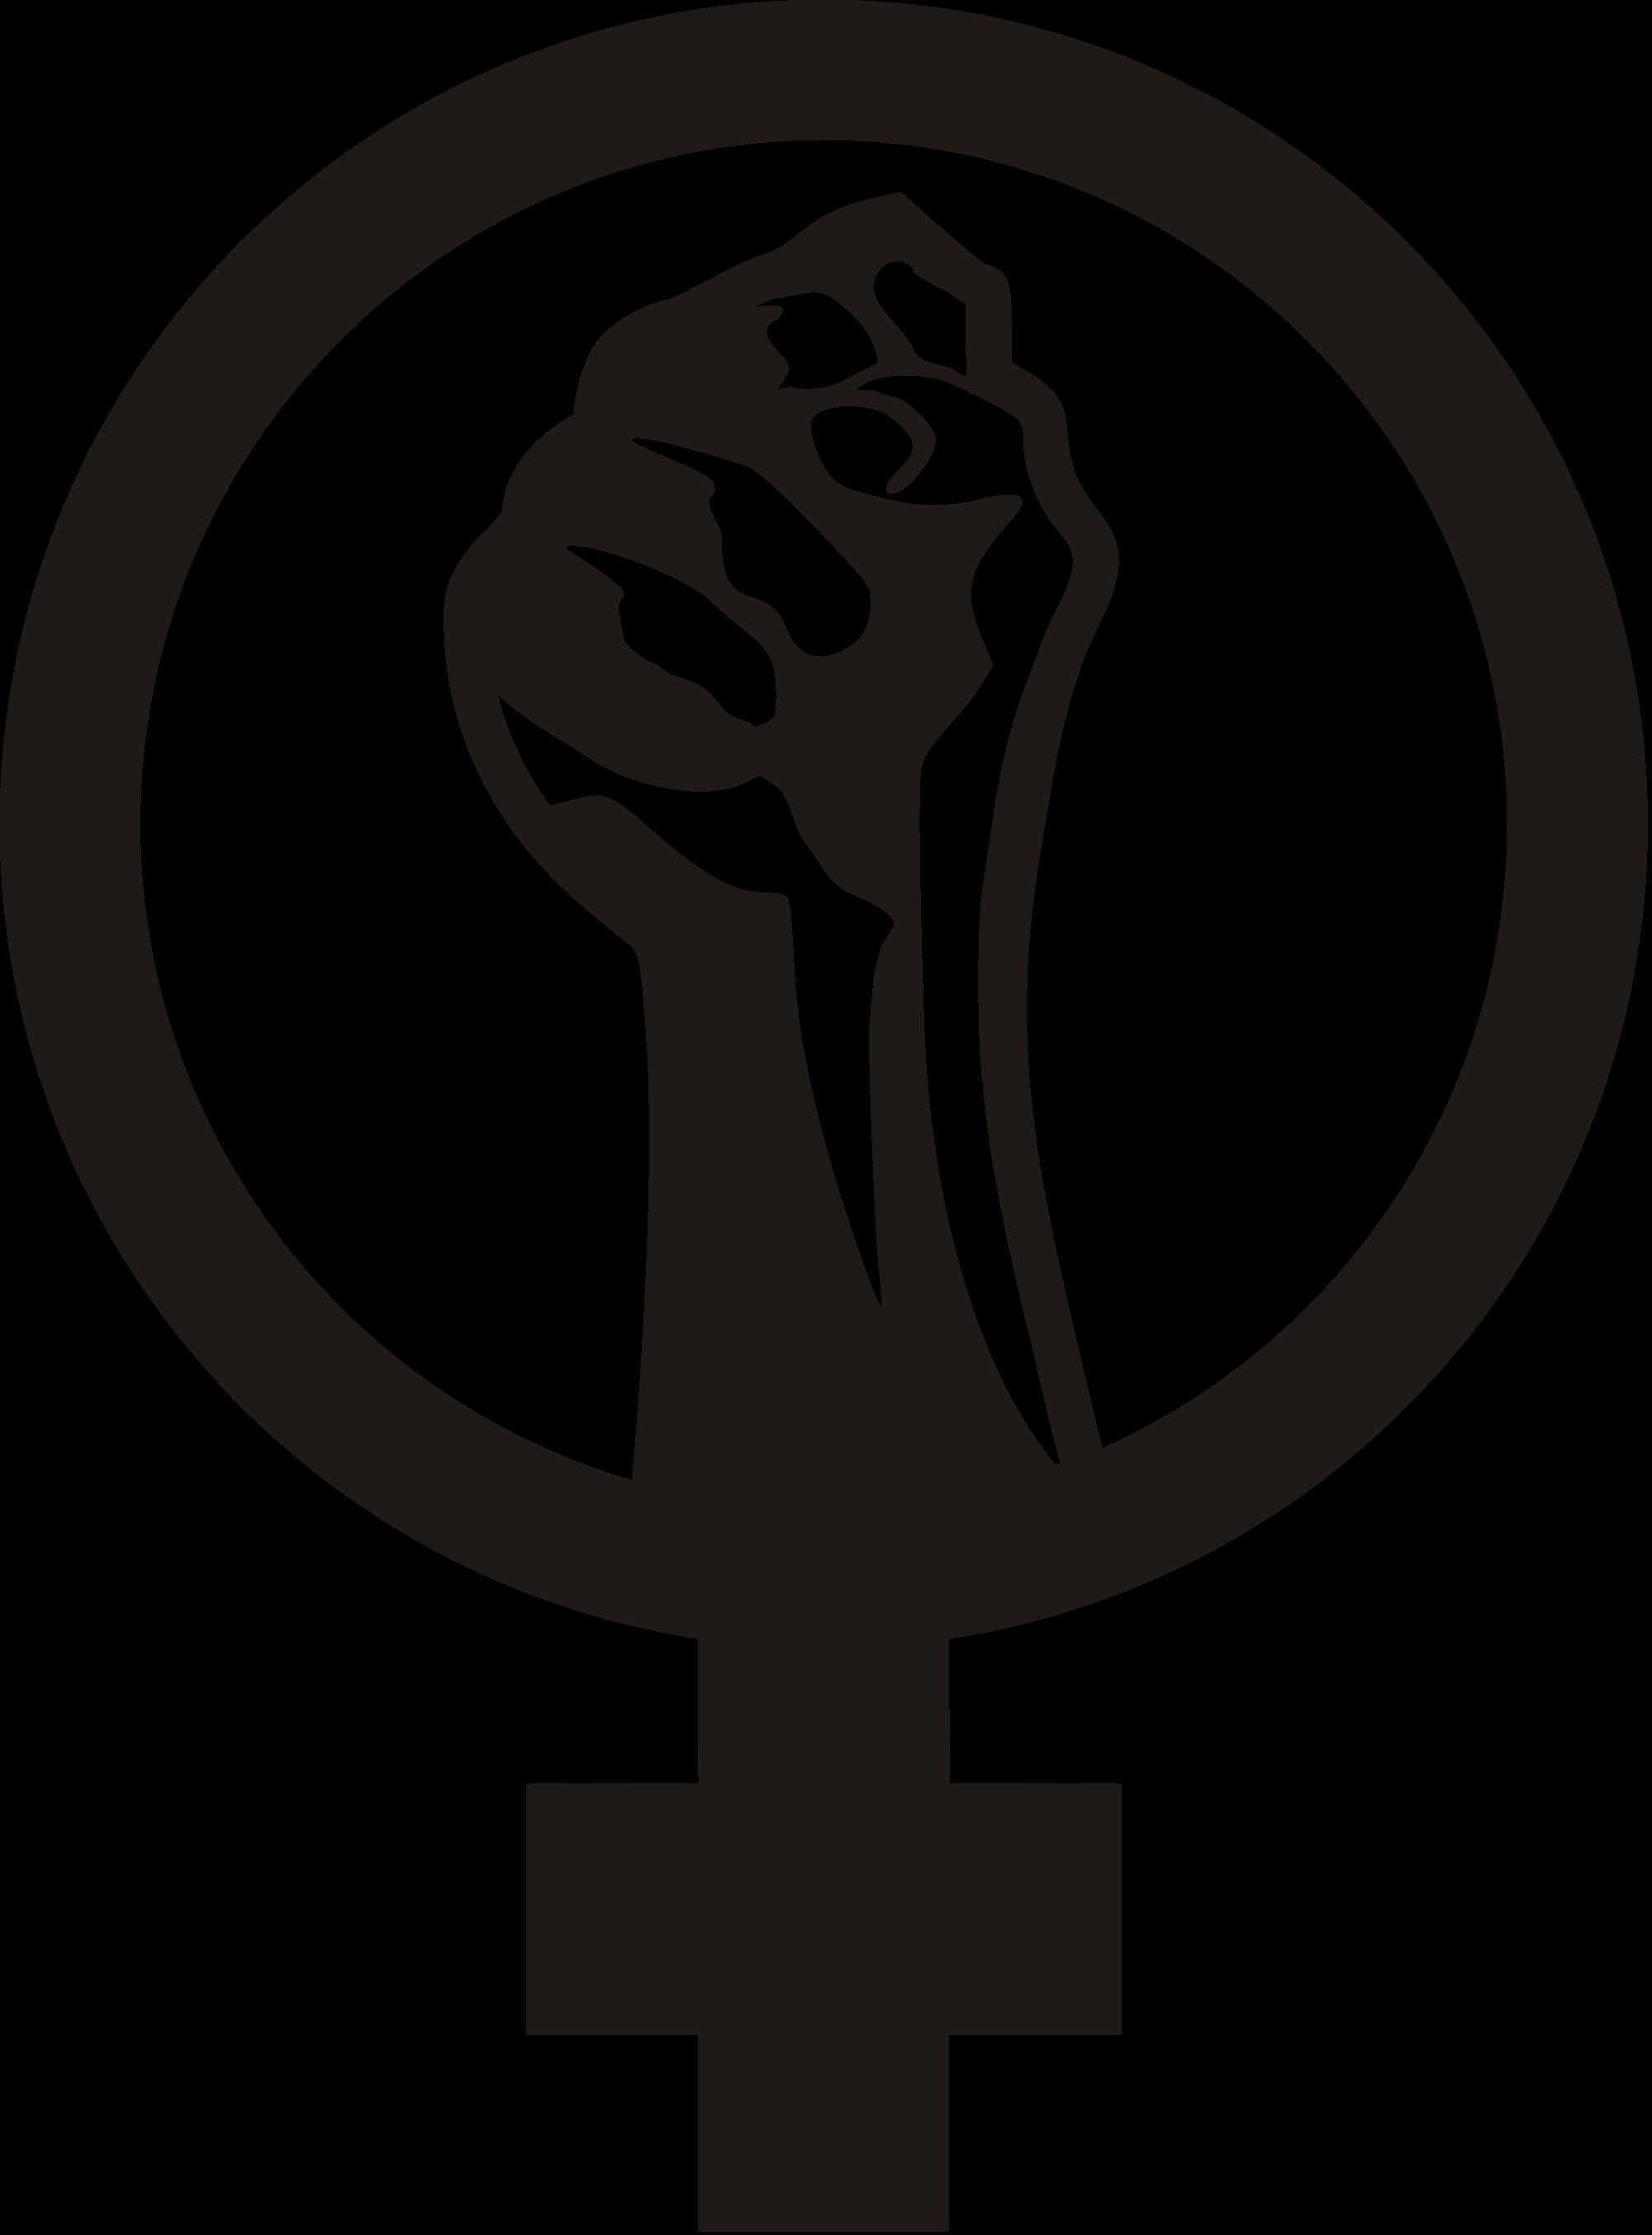 banner black and white vector fist feminist #107838444